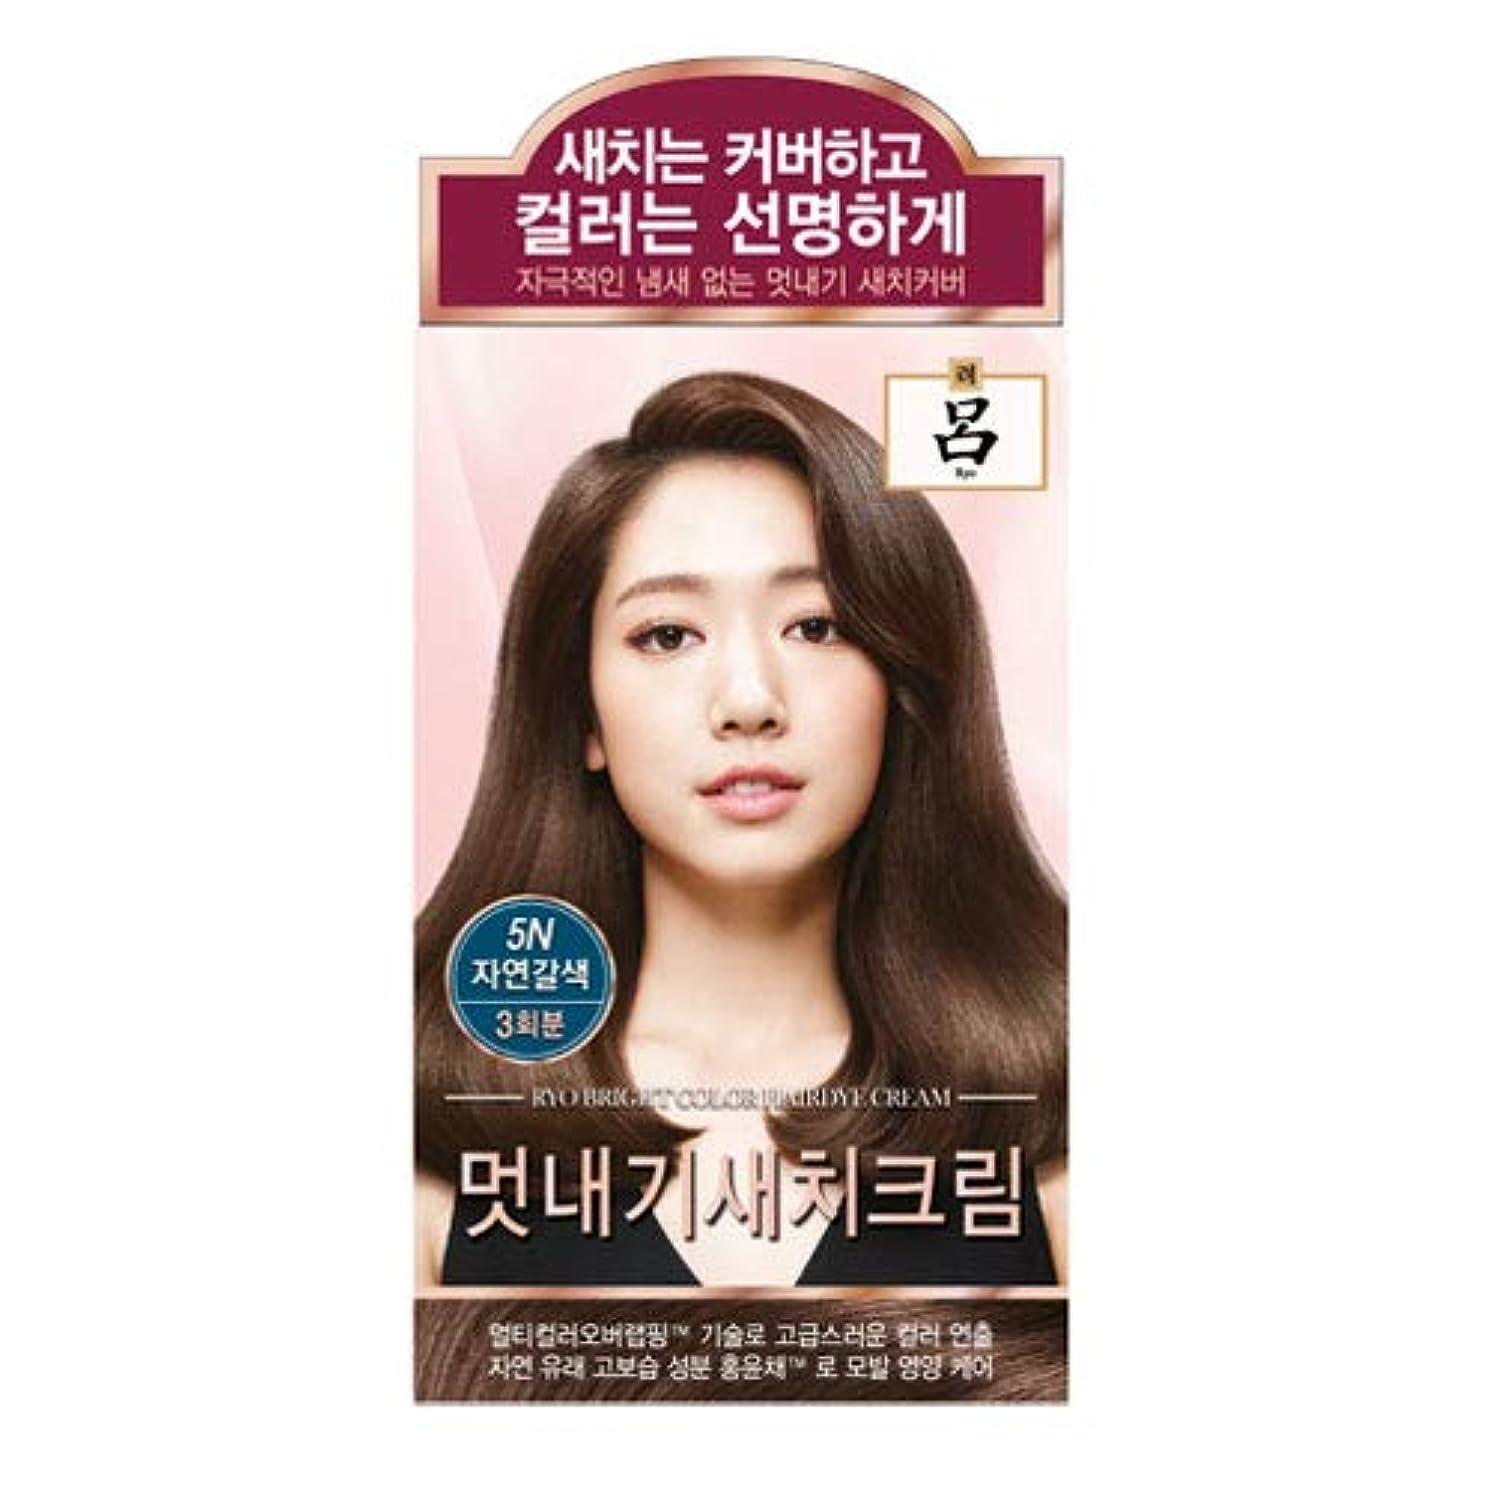 キャプテンヘルシーばかアモーレパシフィック呂[AMOREPACIFIC/Ryo] ブライトカラーヘアアイクリーム 5N ナチュラルブラウン/Bright Color Hairdye Cream 5N Natural Brown